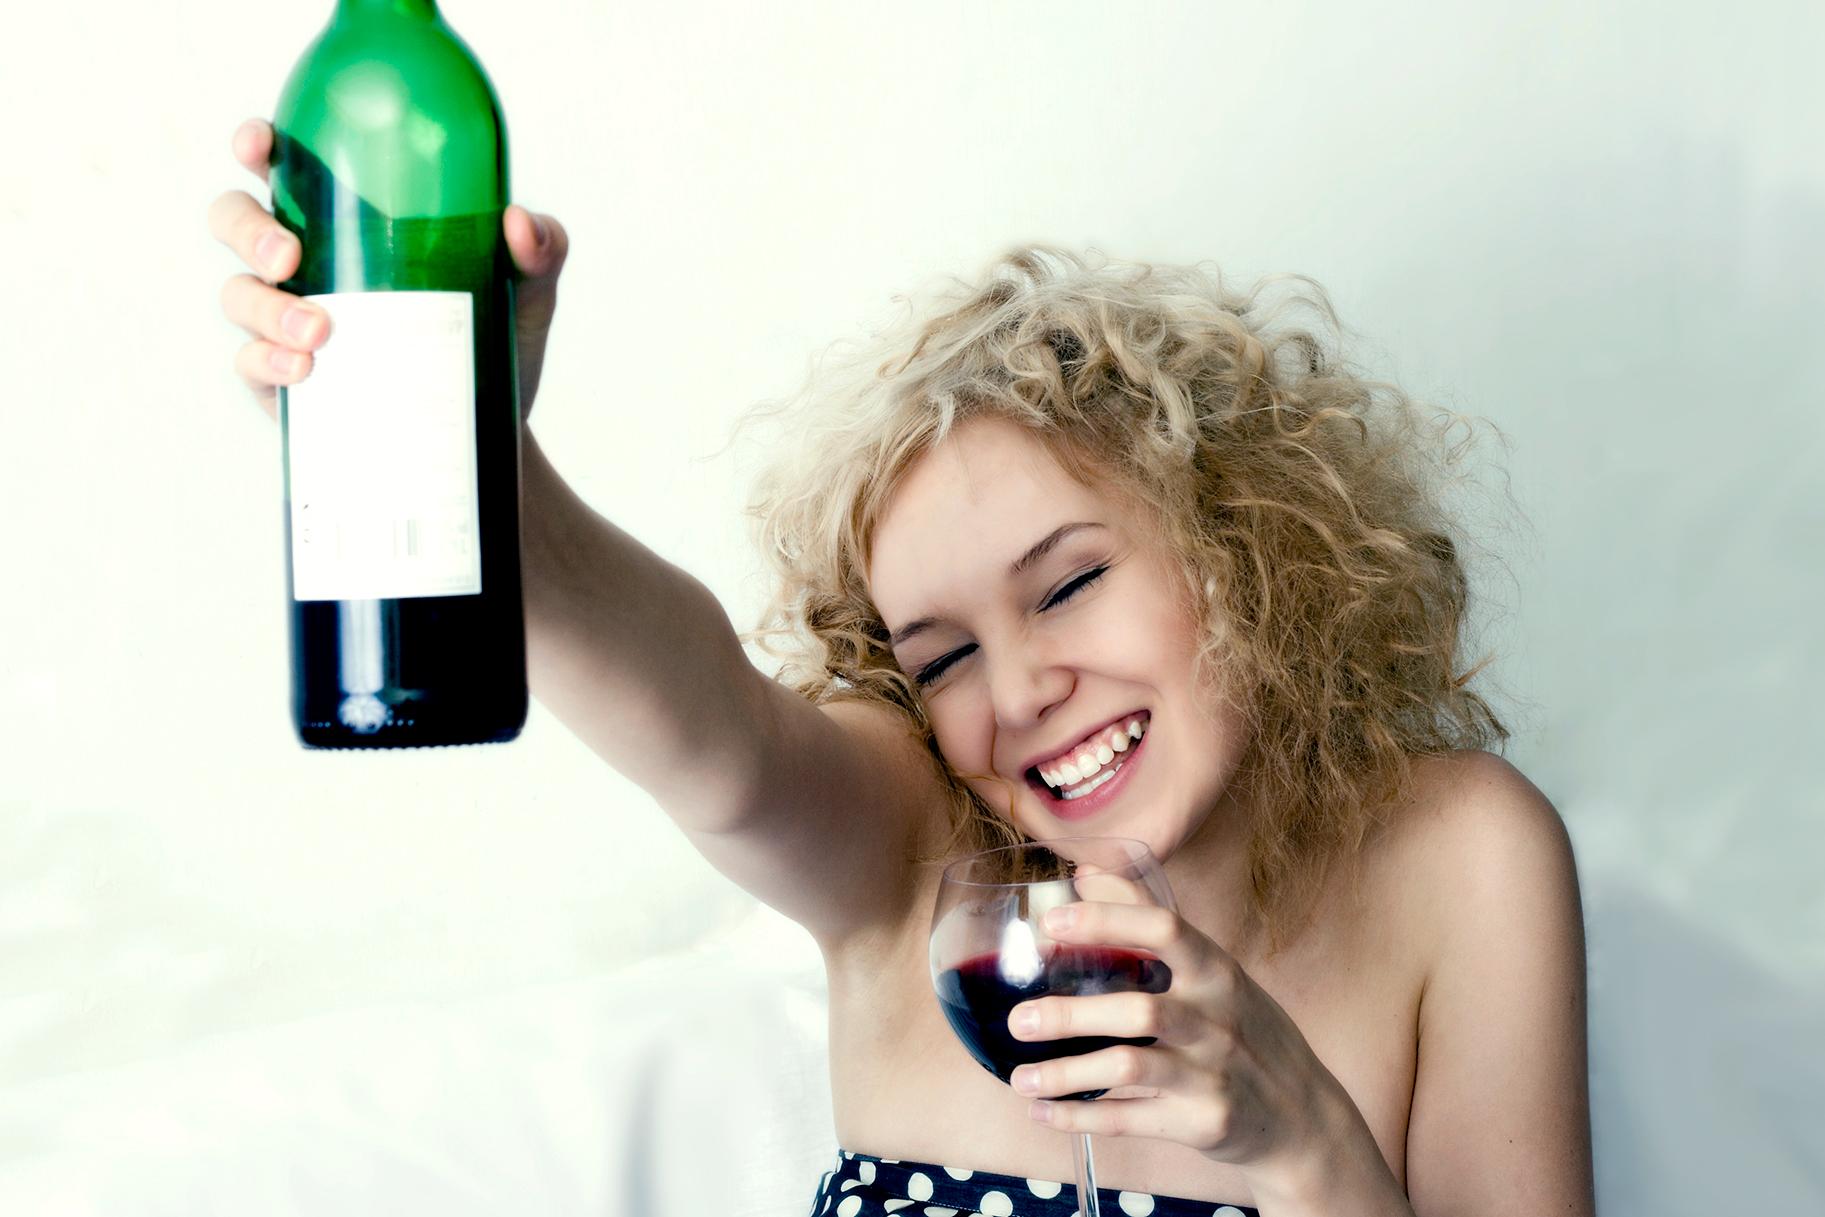 Смешные картинки девушки с бутылкой